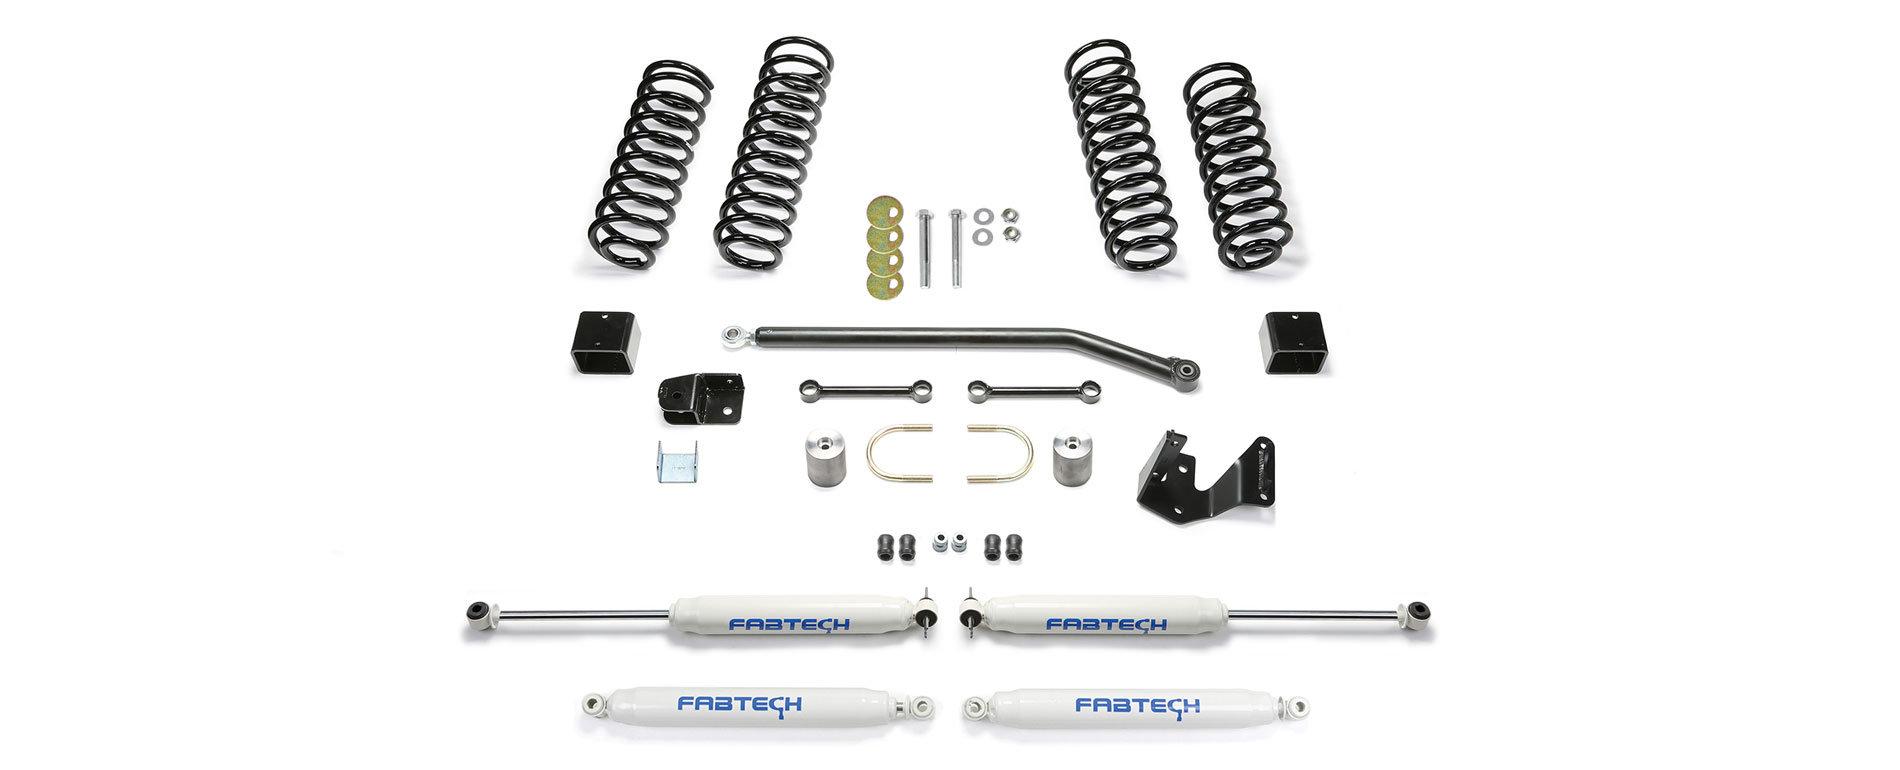 Fabtech 3in Sport Ii Lift Kits For 07 18 Jeep Wrangler Jk